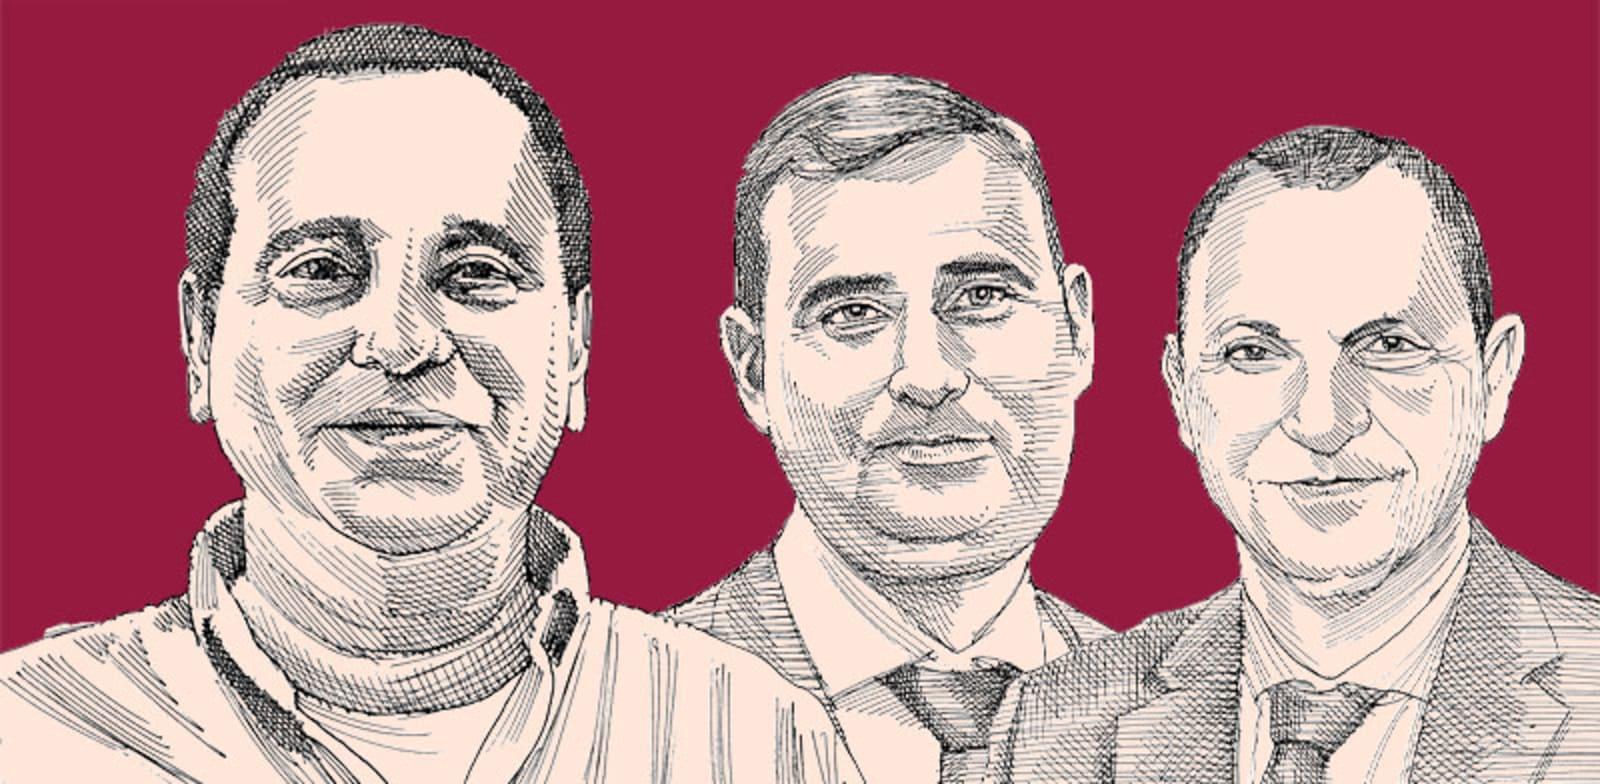 האחים דיין וקובי מימון. סכסוכים מתגלגלים מבתי המשפט לענייני משפחה לרשות המסים / איור: גיל ג'יבלי